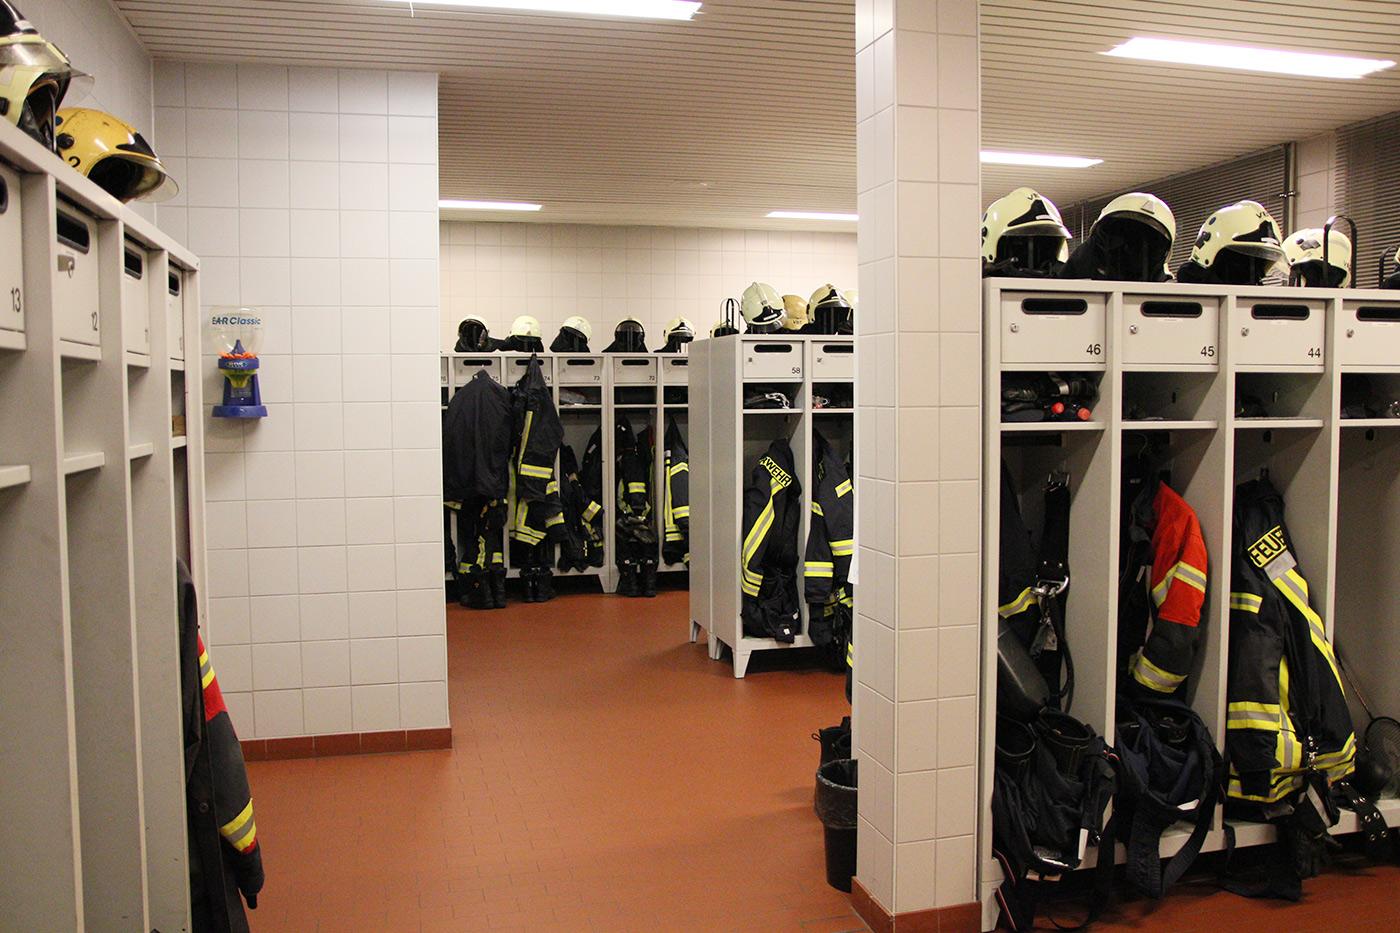 Kontaminationsverschleppung im Feuerwehrhaus vermeiden